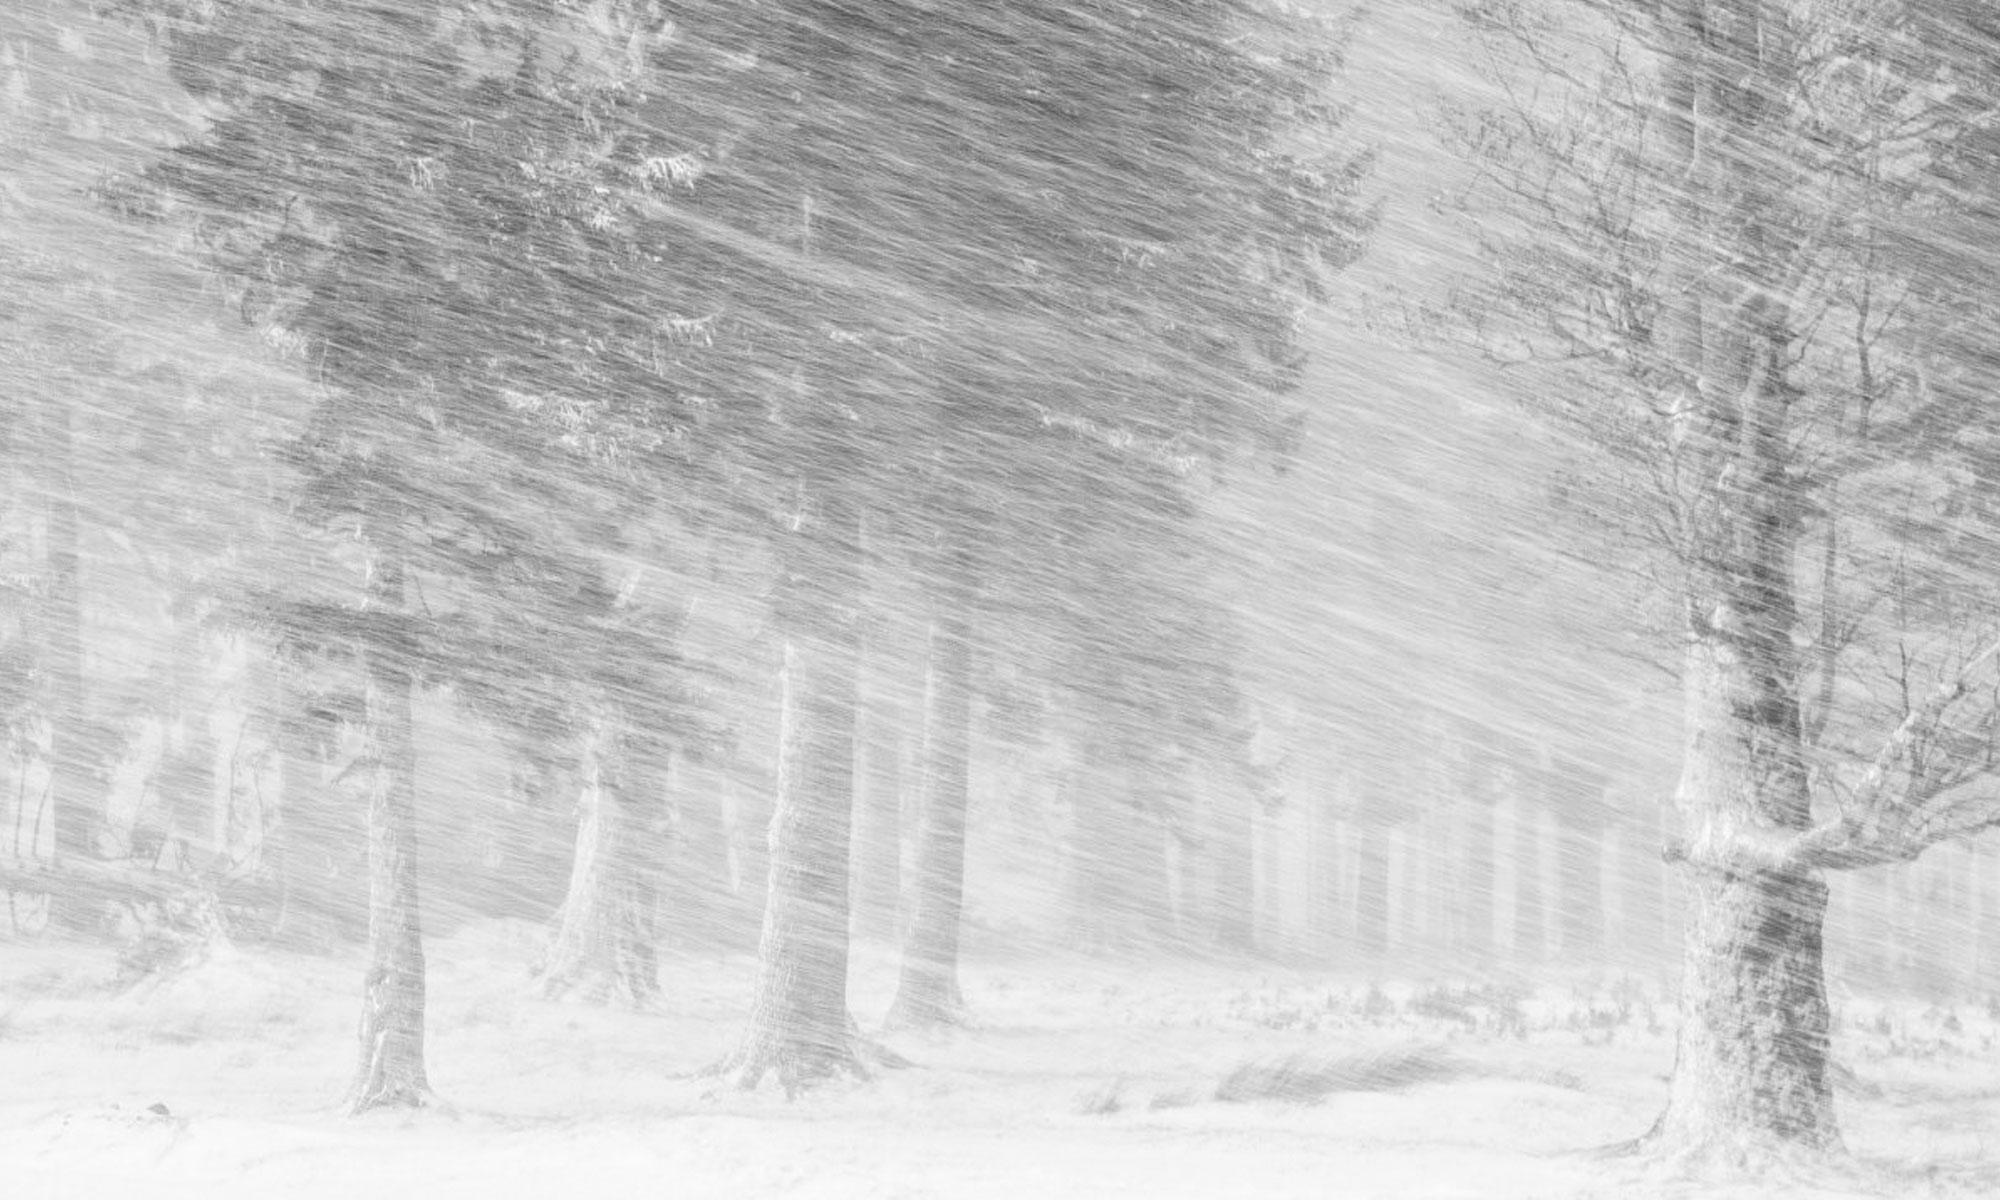 صورة التقطت من حديقة جبال سيوكاس الوطنية في رومانيا